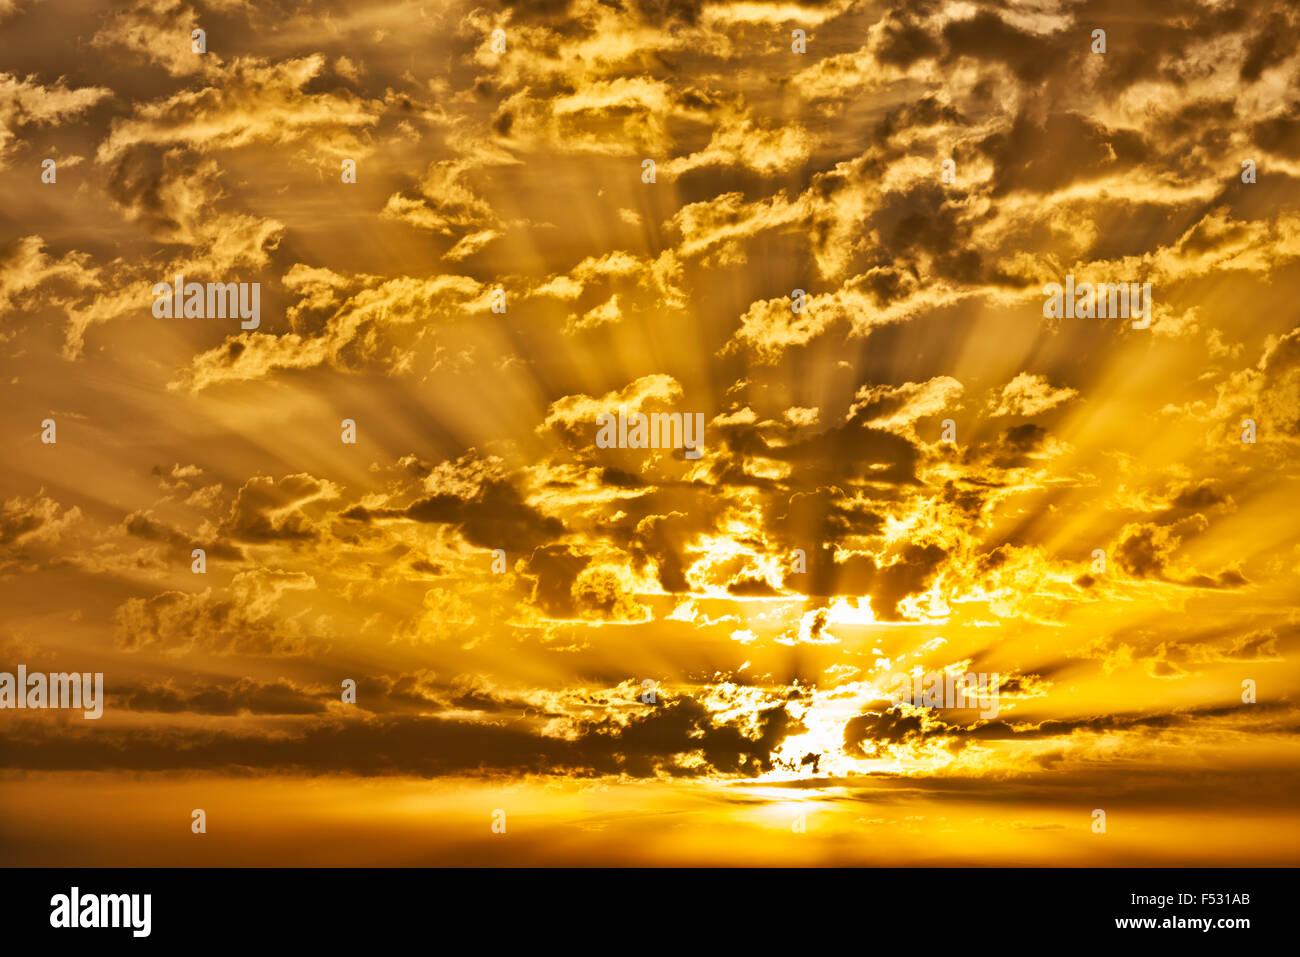 Sonnenaufgang mit Wolken und Sonnenstrahlen. Stockbild